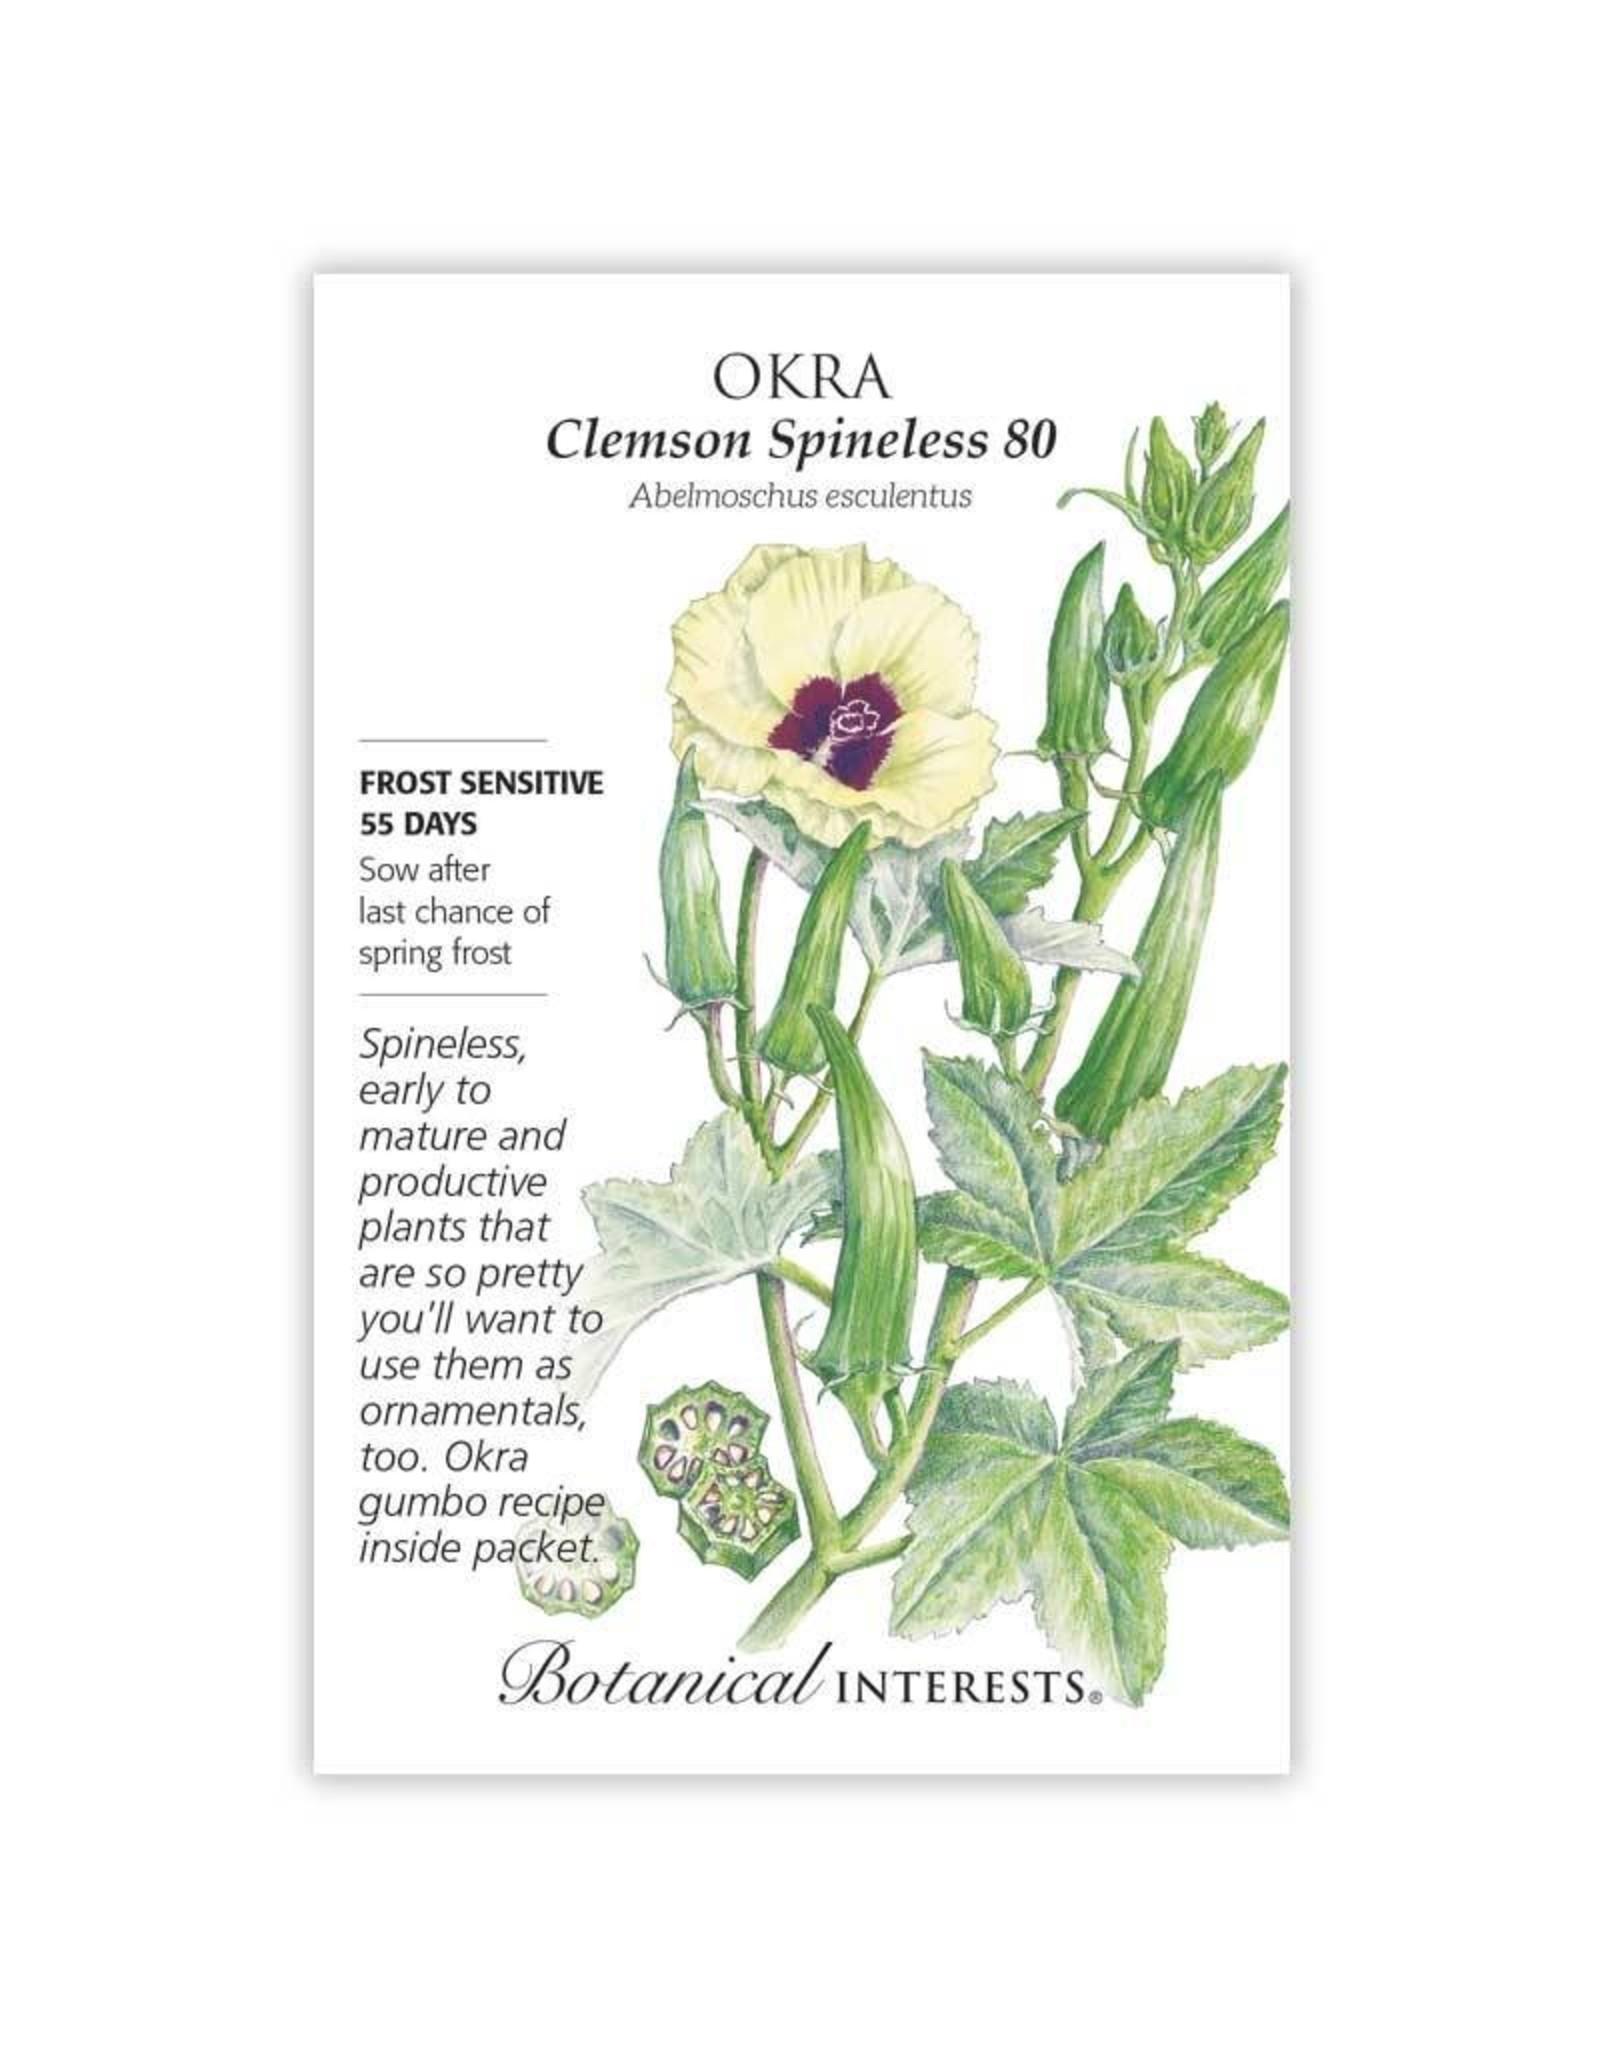 Seeds - Okra Clemson Spineless 80